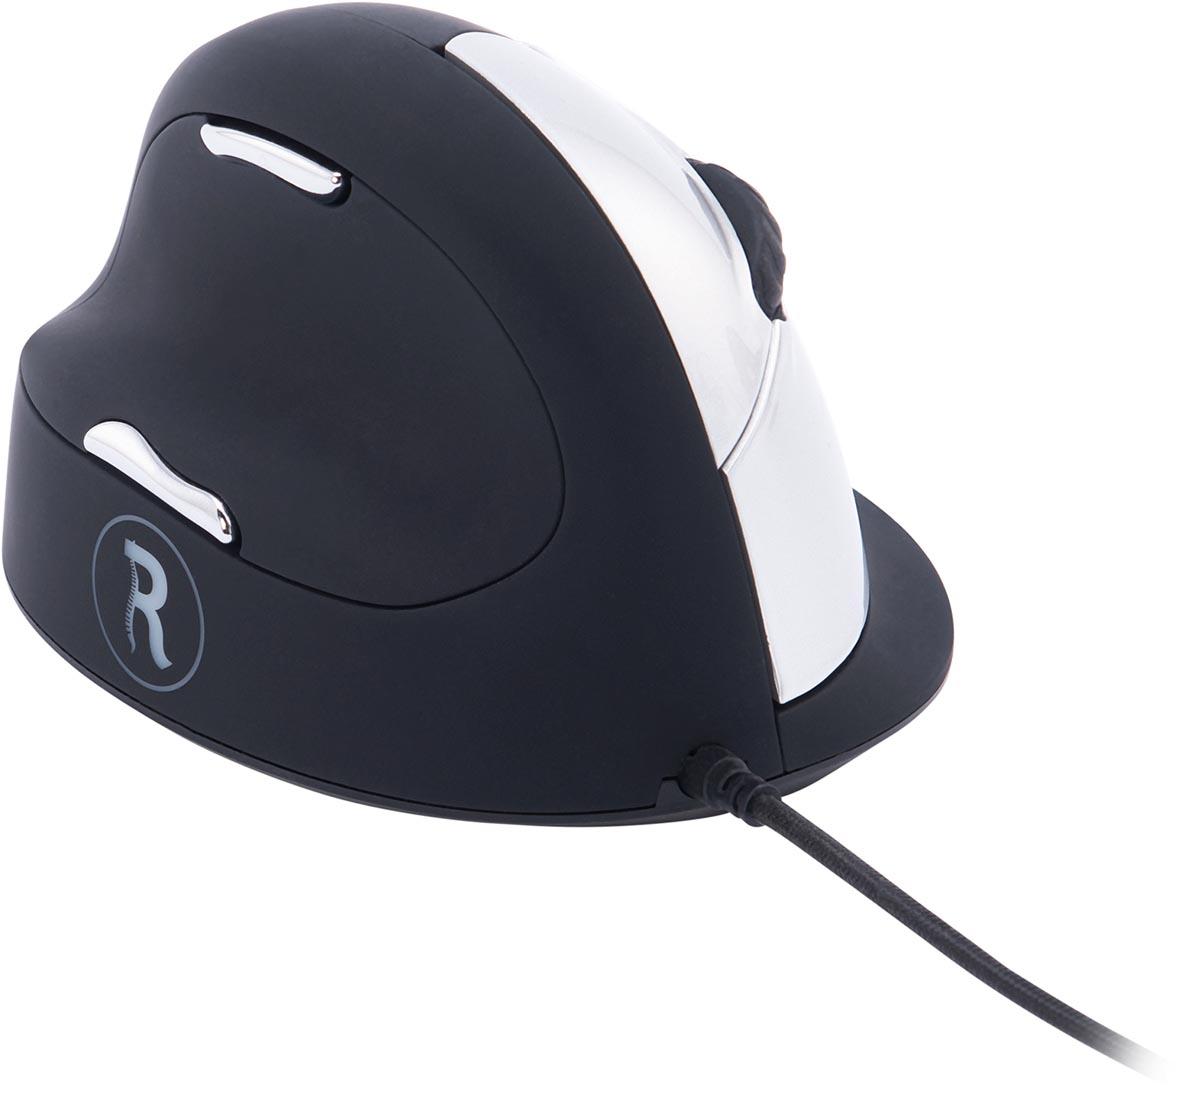 R-Go Break ergonomische muis, medium/large, voor linkshandigen